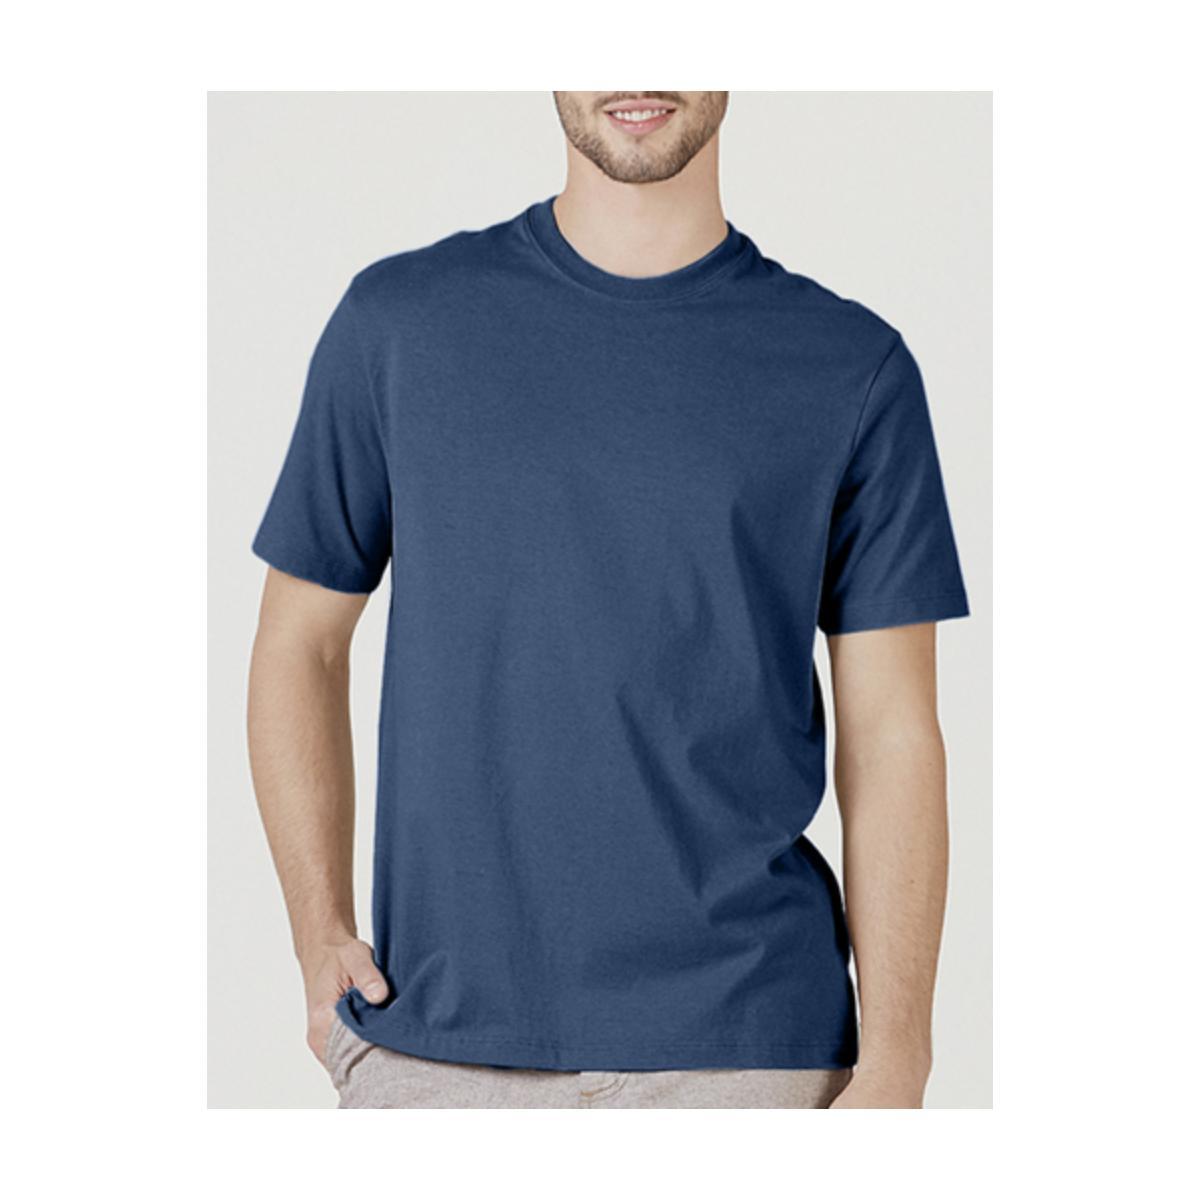 Camiseta Masculina Hering 0227 Az2en Azul